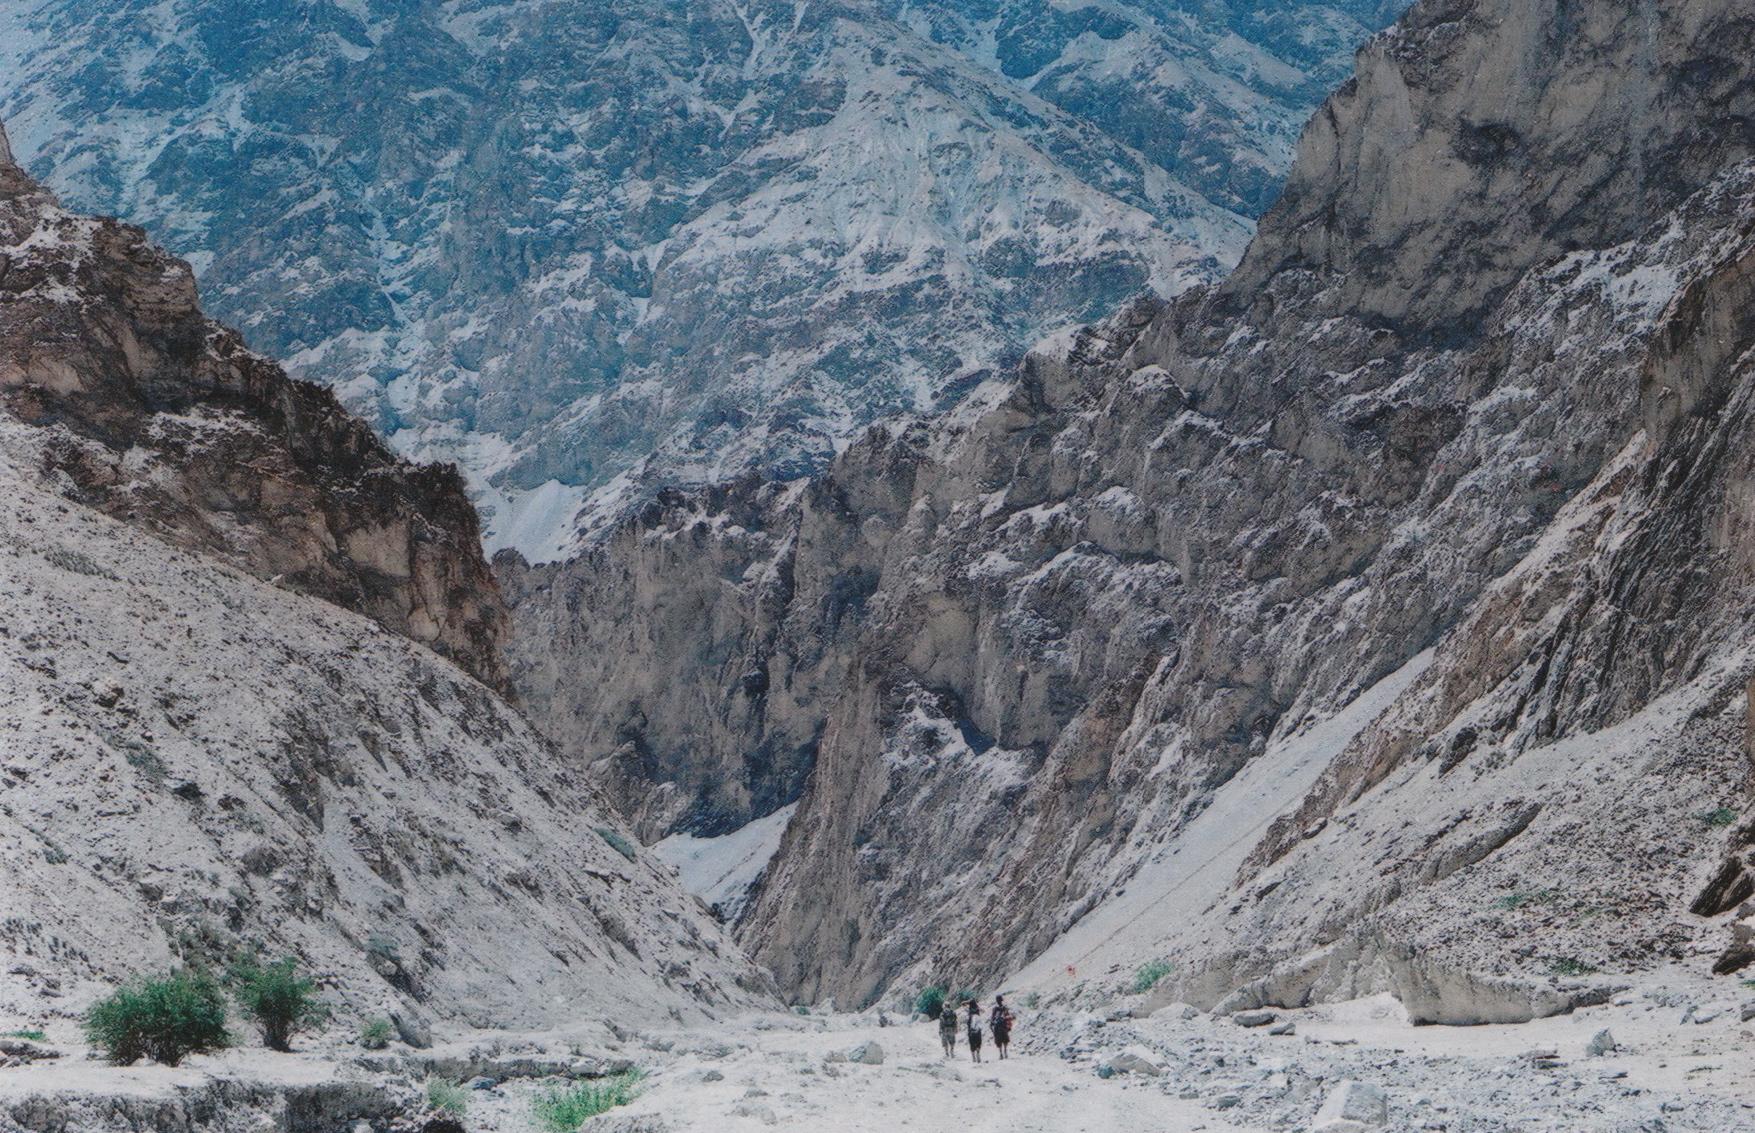 Markha Valley Trek, Ladakh, Aug 2012